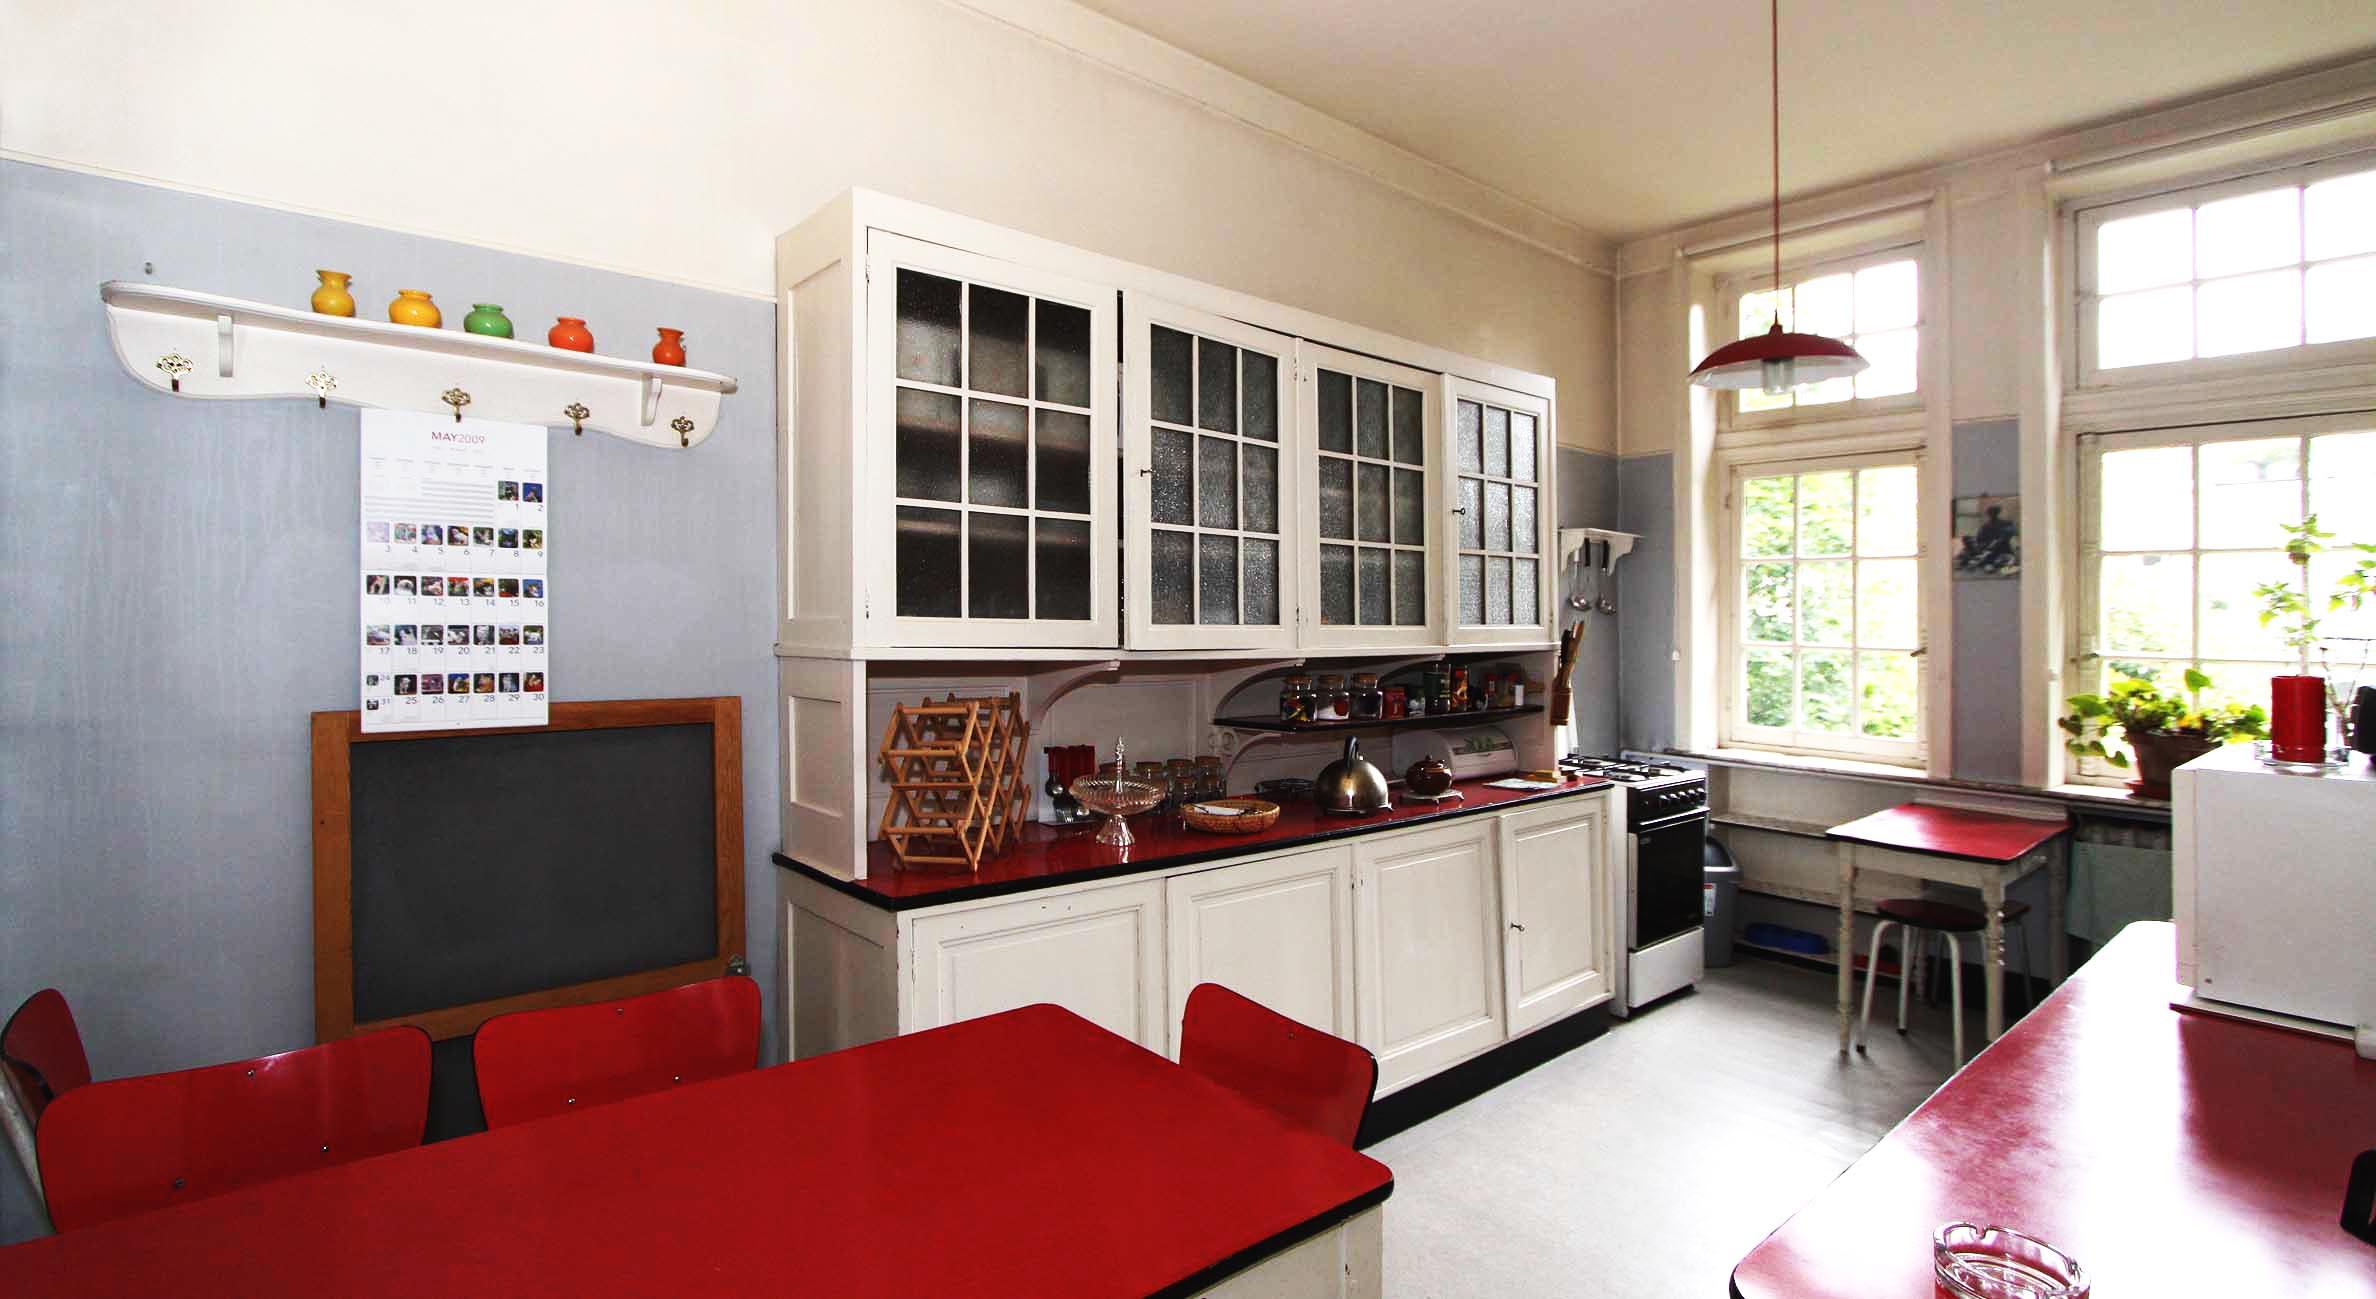 Achat appartement Toulouse : vouloir rester dans sa ville natale